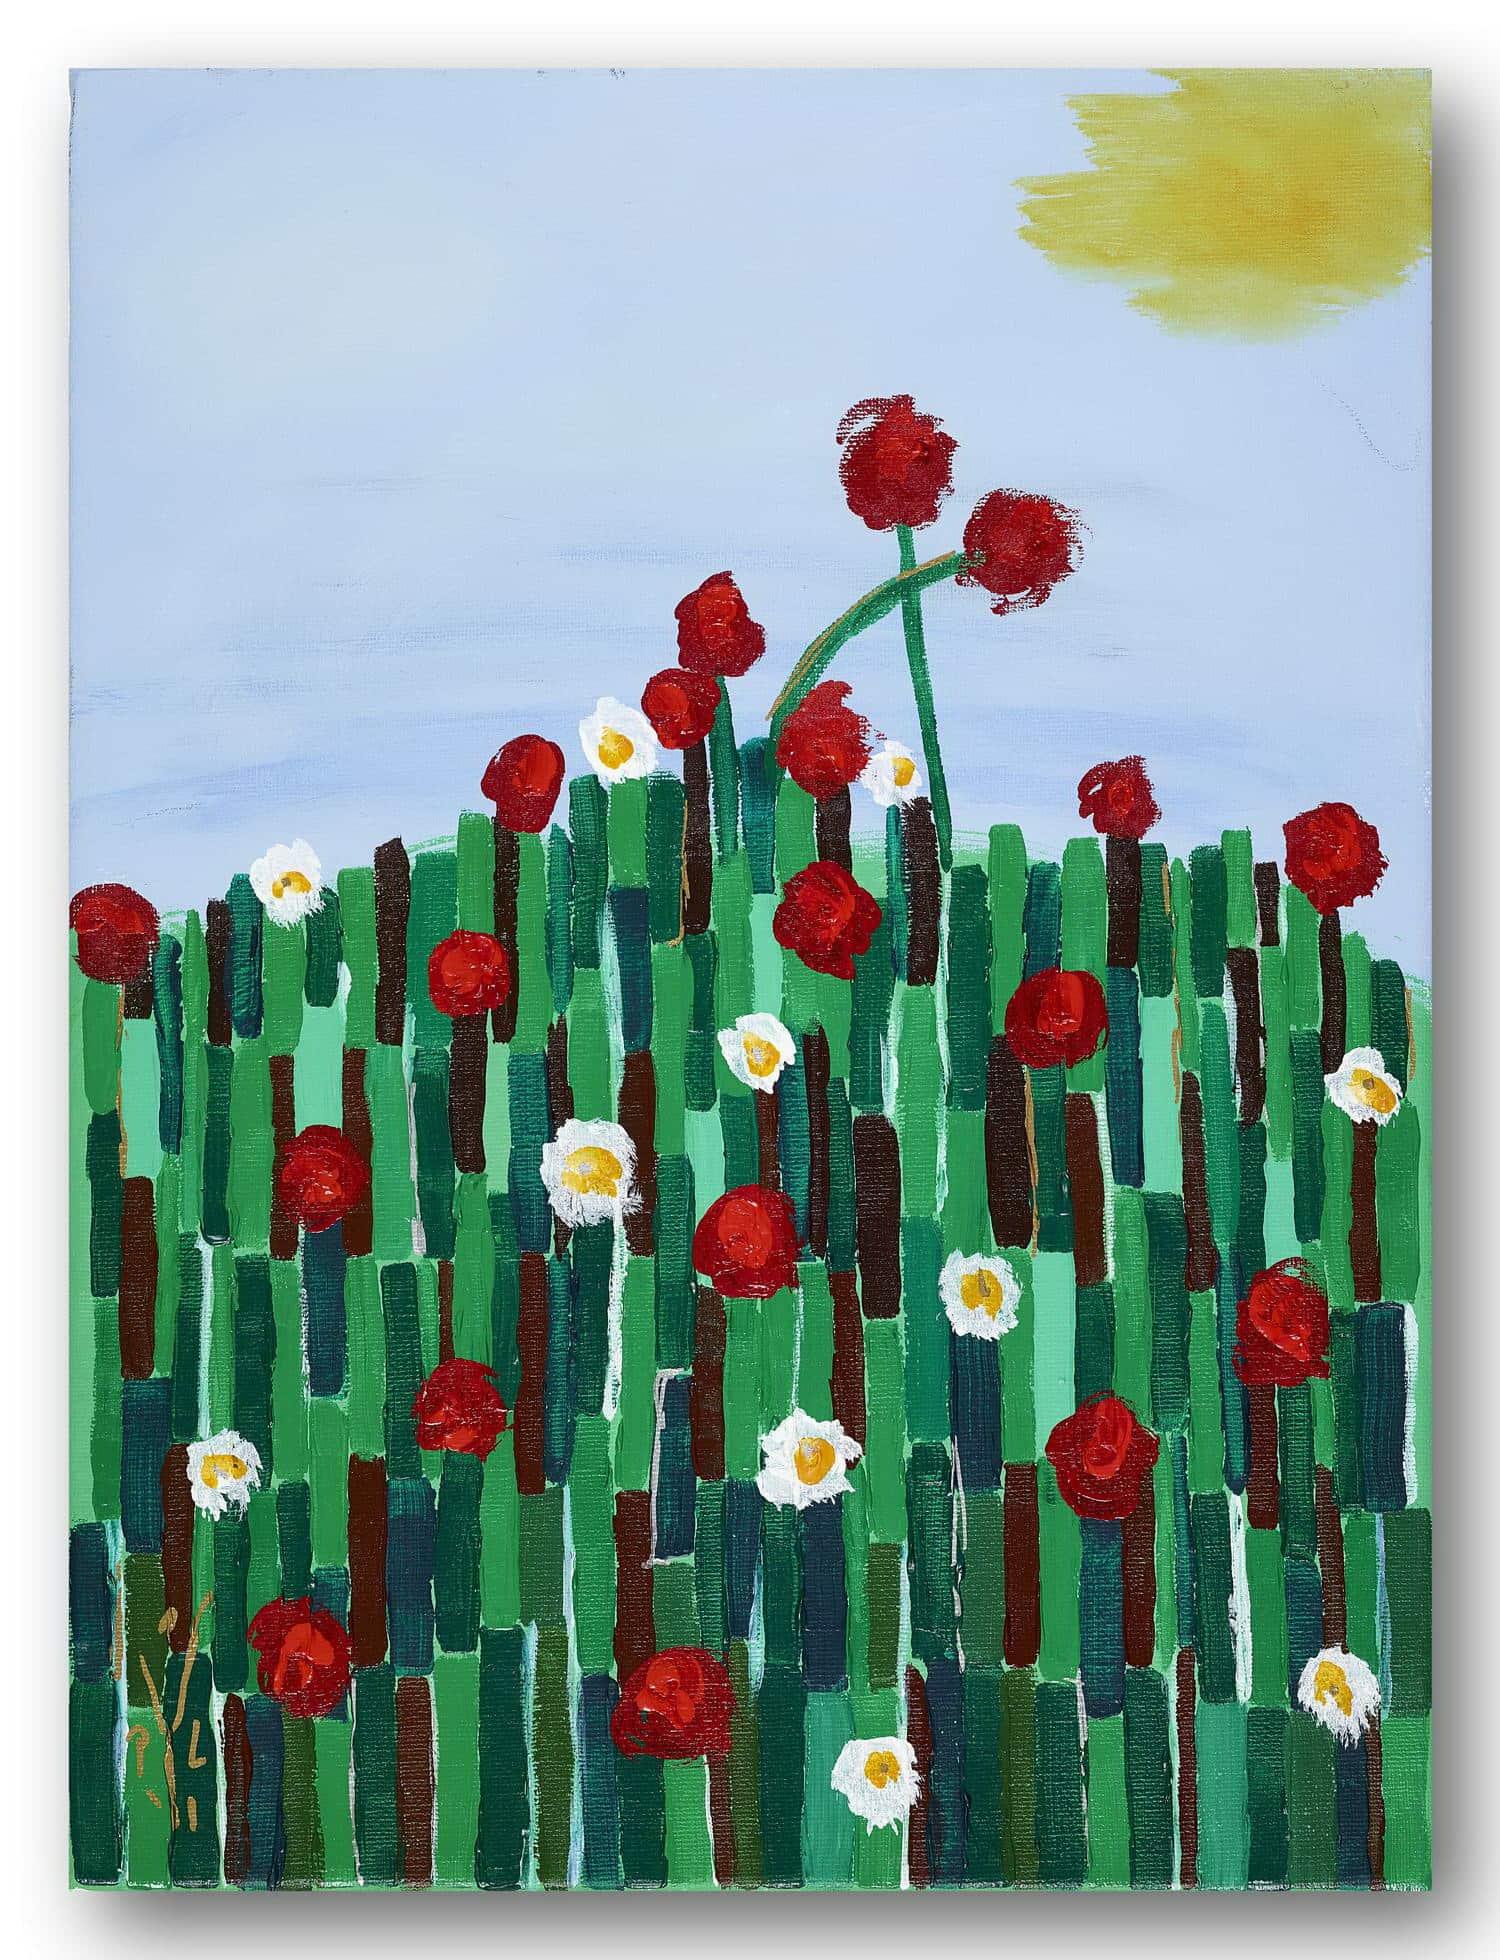 Blumenwiese - Acrylic / Canvas 30 x 40 cm, 11.81 x 15.75 inch